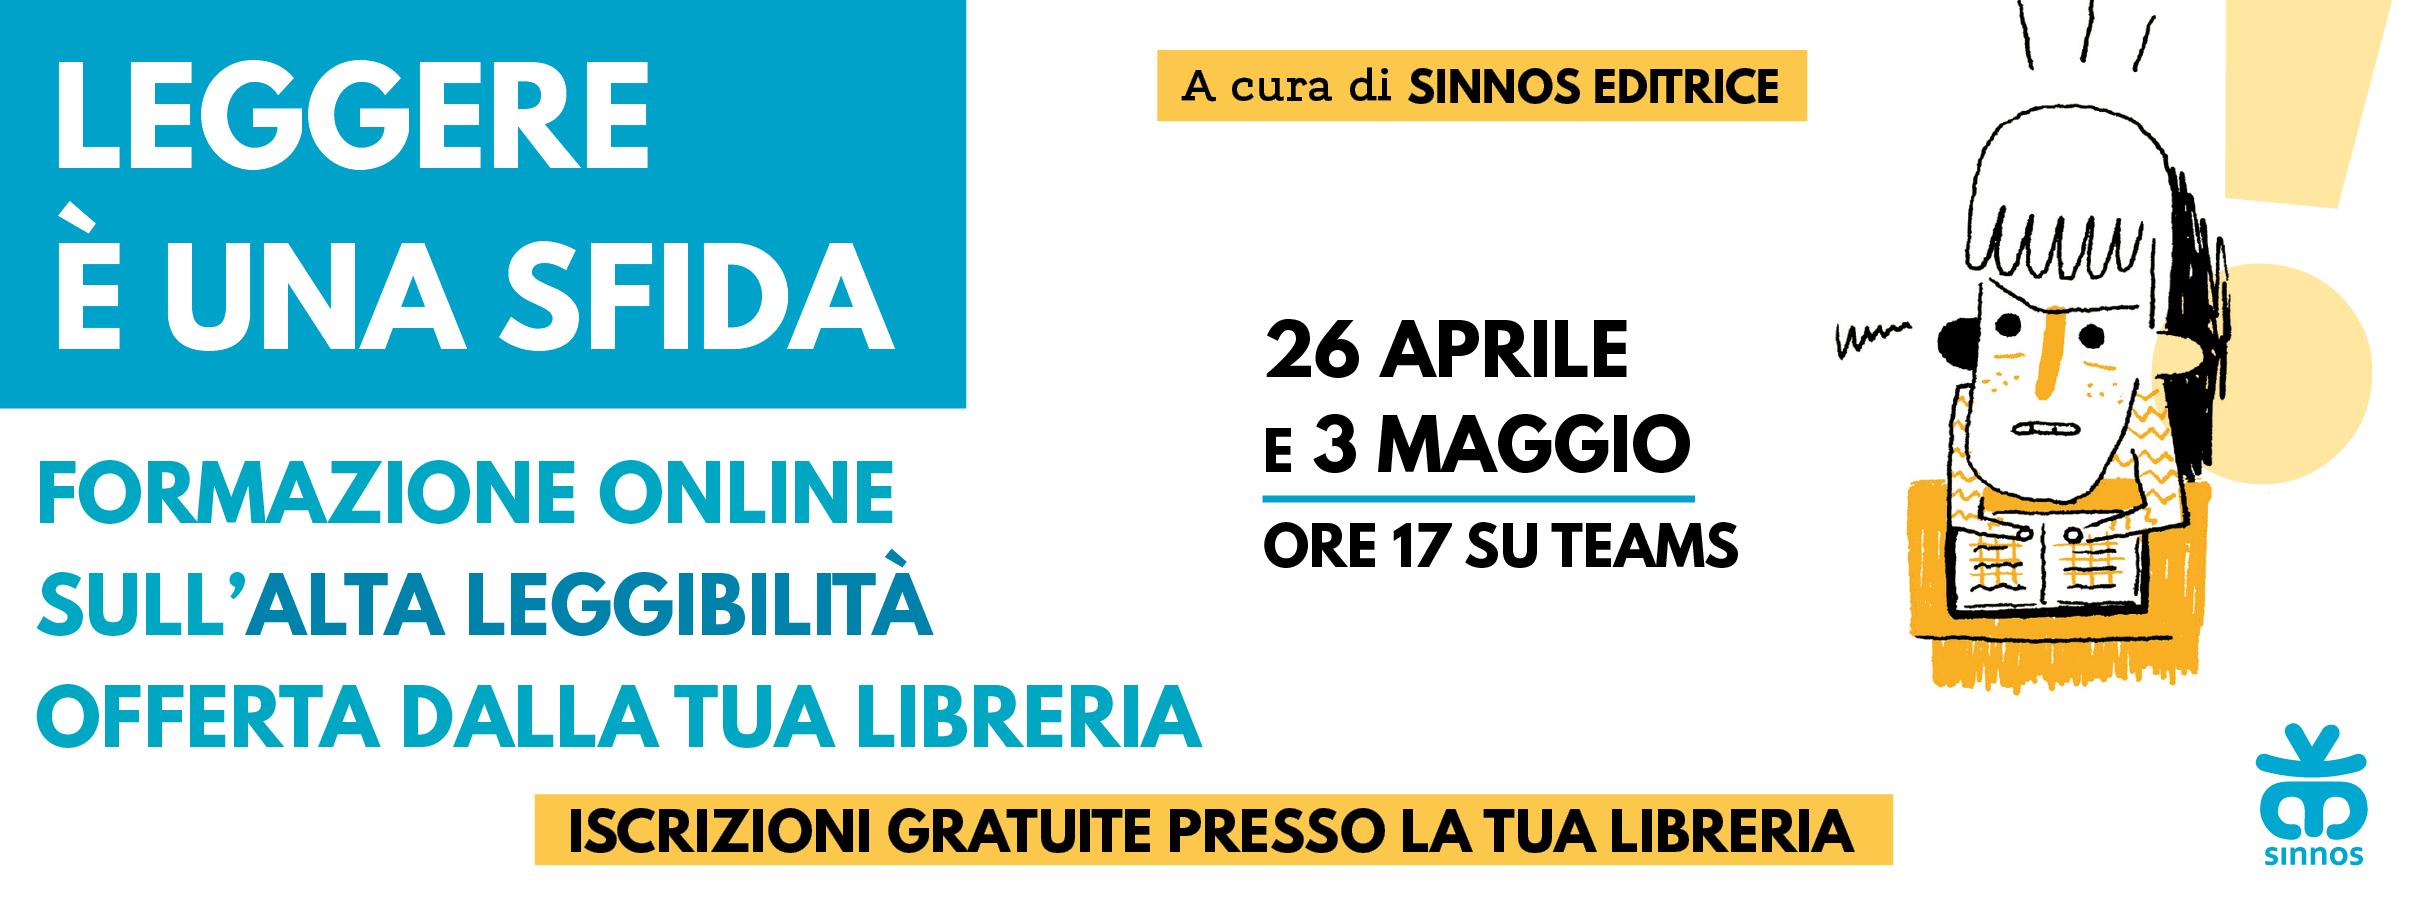 LEGGERE È UNA SFIDA – Formazione online sull'Alta leggibilità – SOLD OUT!!